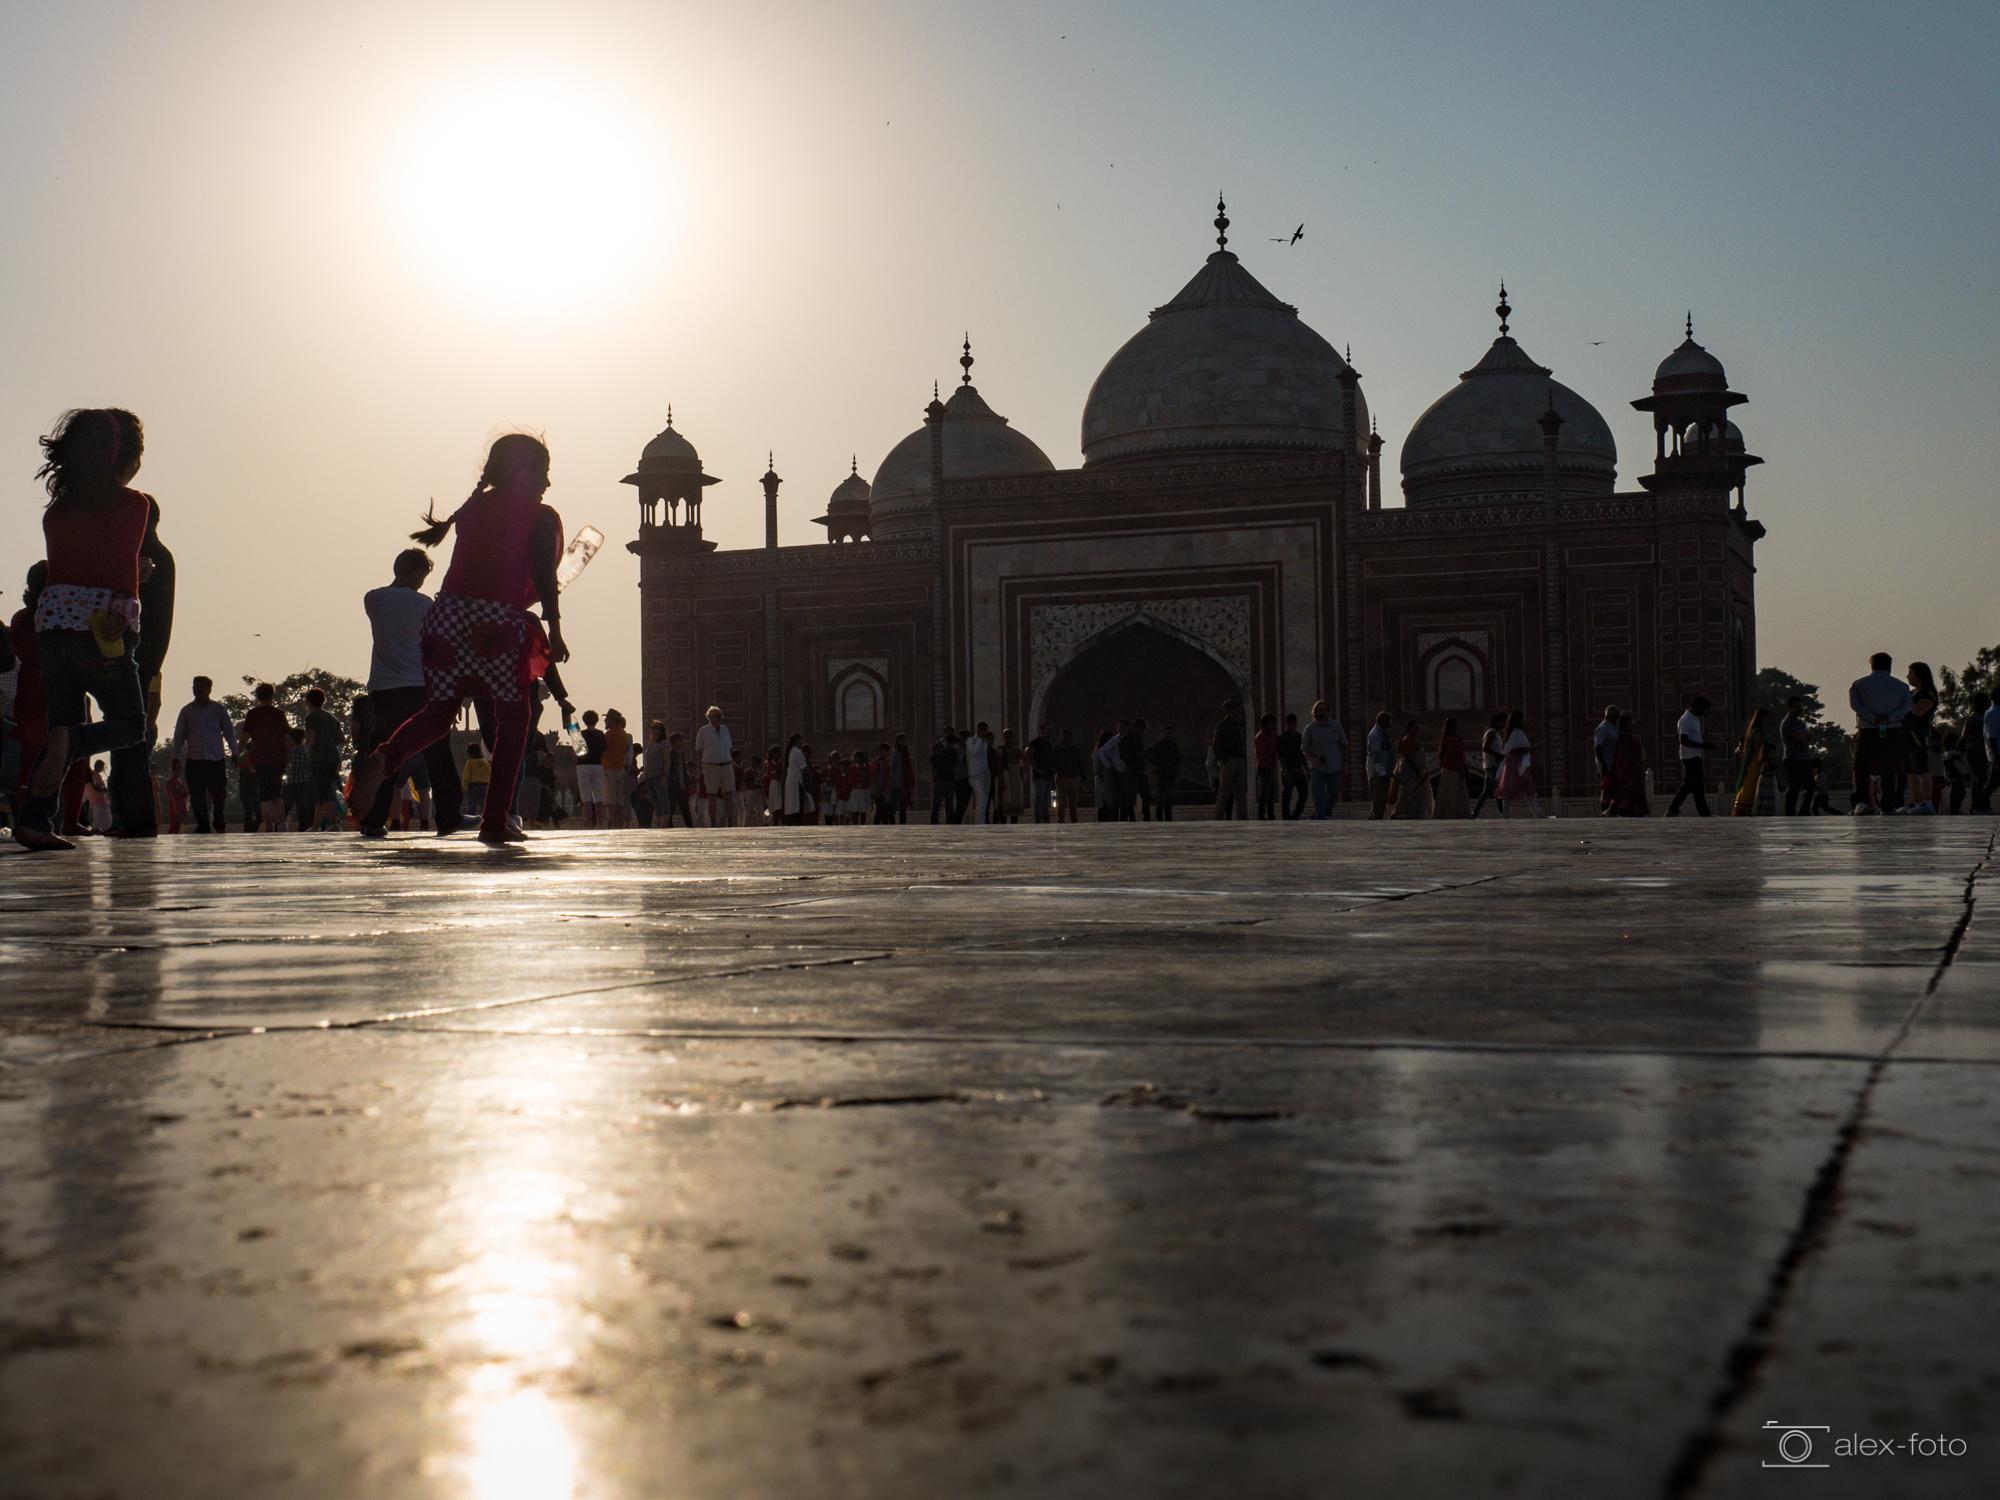 Lichtwert-BestOf_ThomasAlex_026_Agra - Taj Mahal.jpg